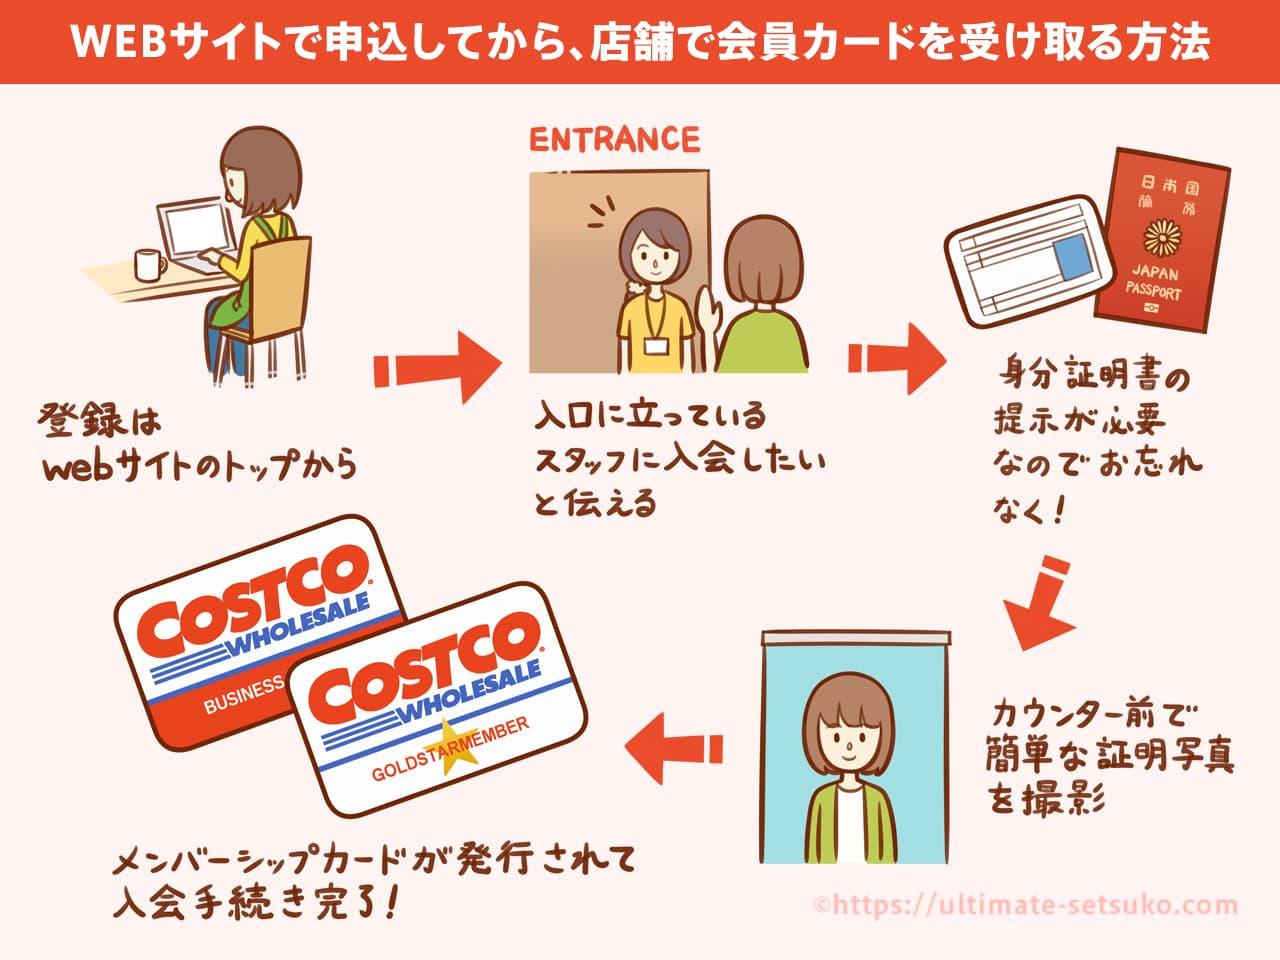 コストコのWEBサイトで申し込みをする方法